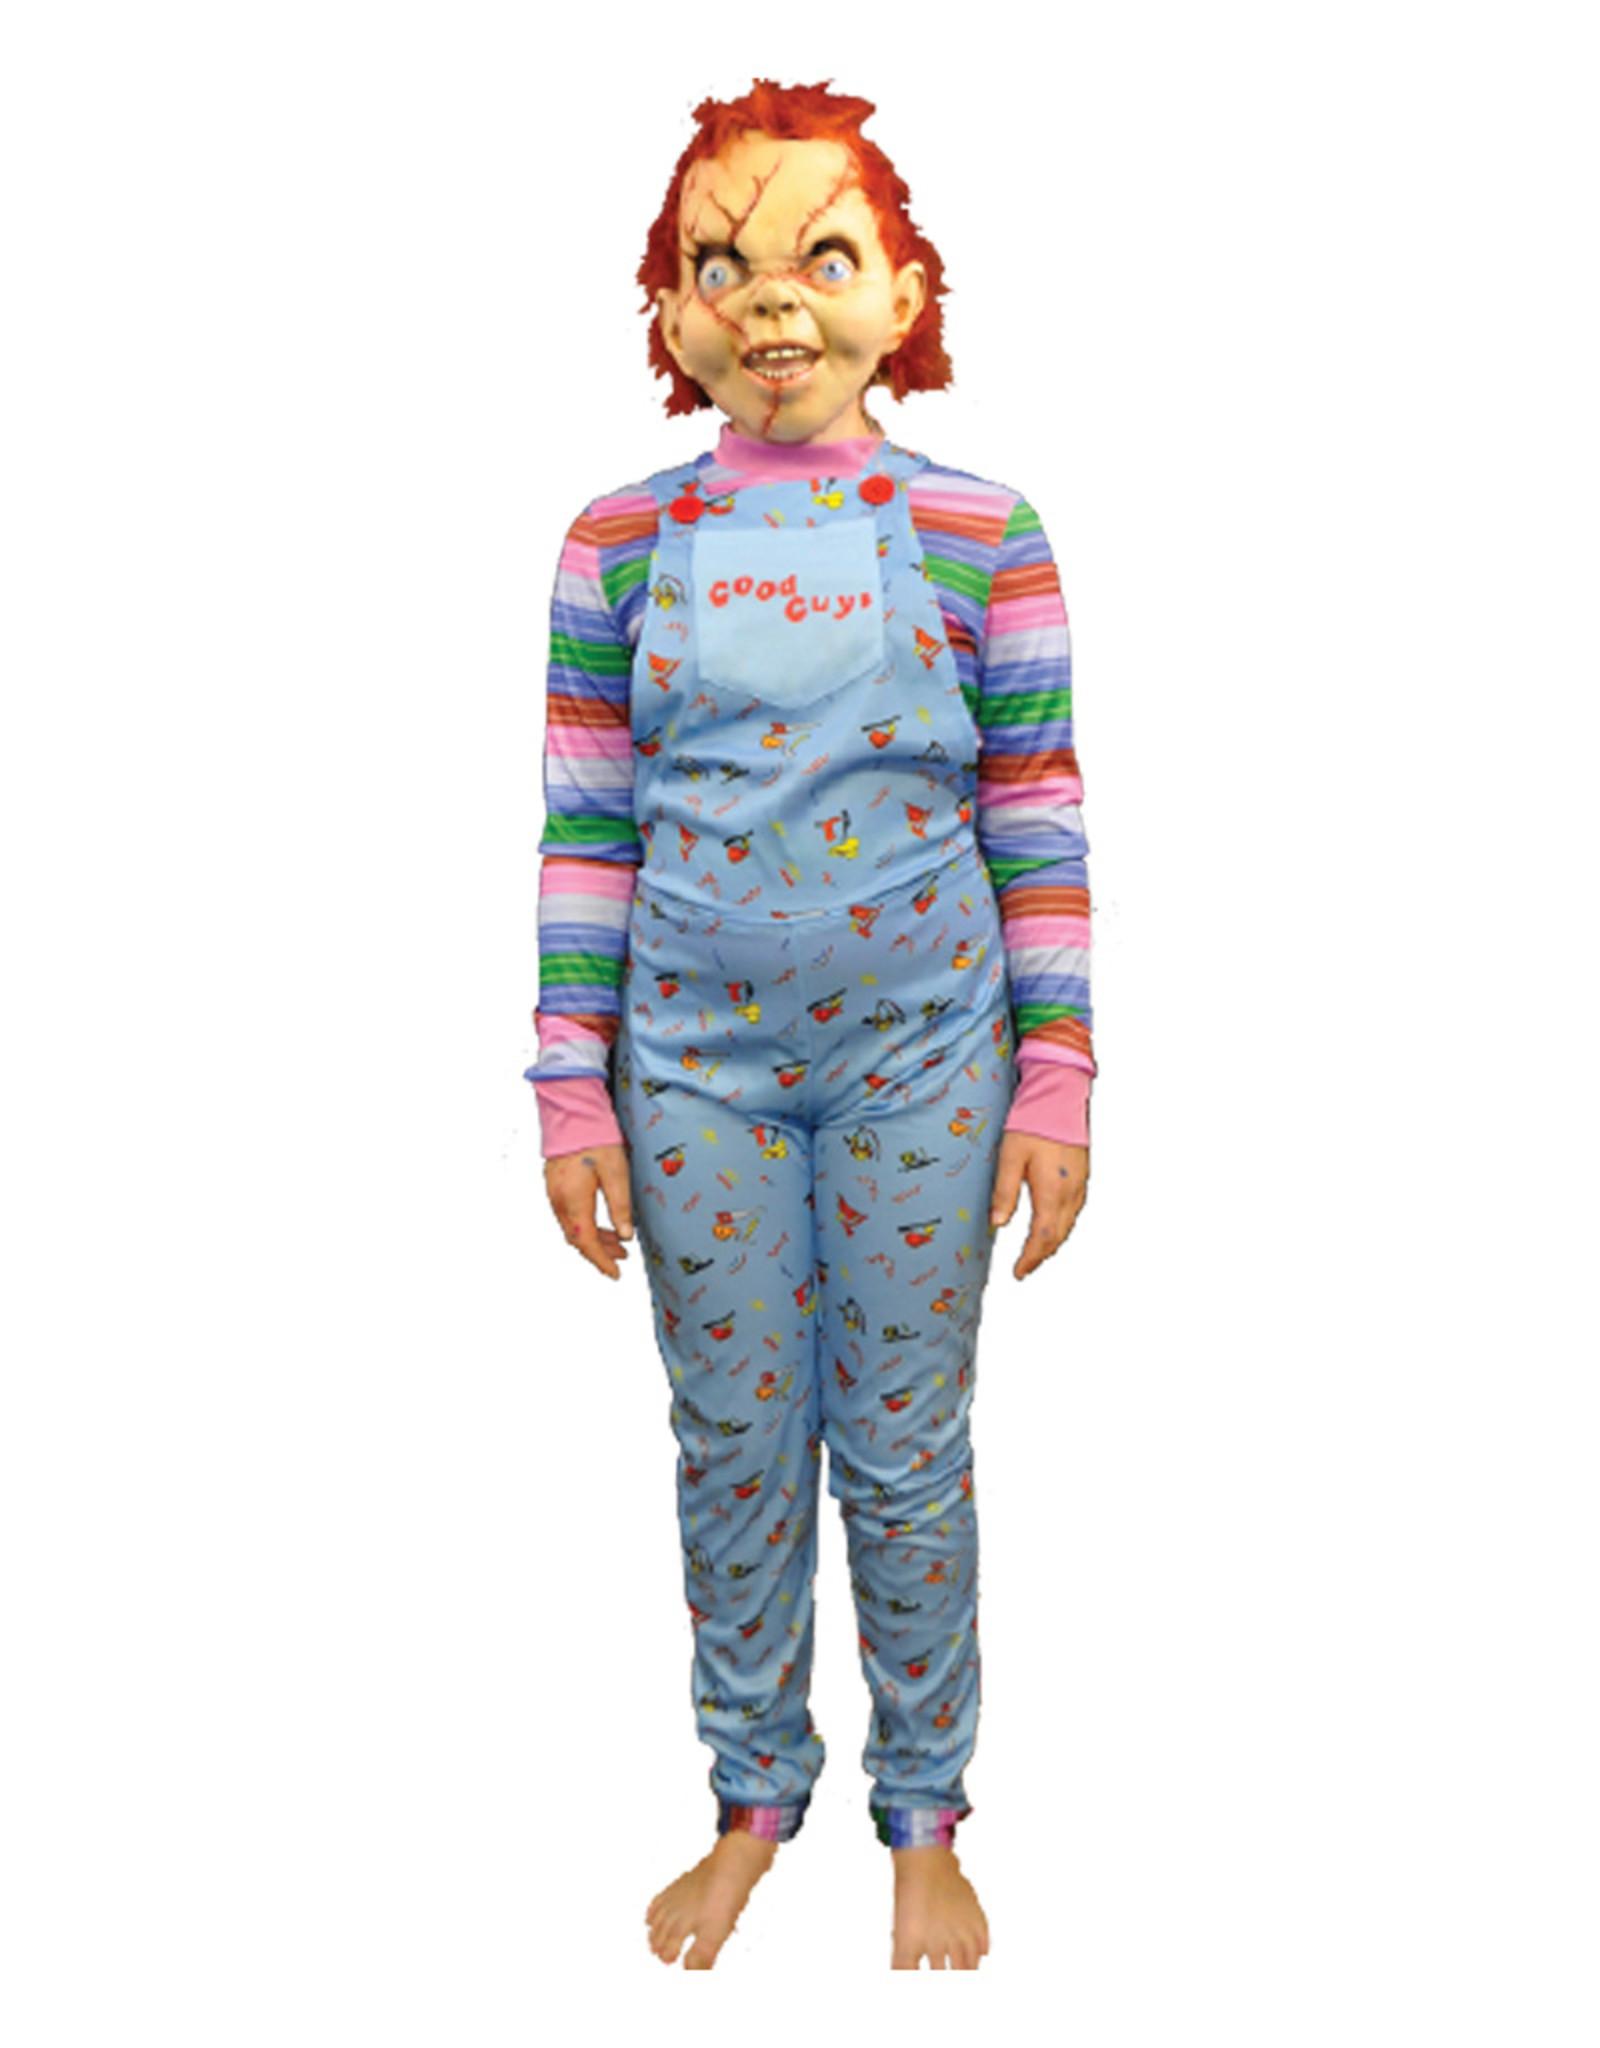 Chucky - Good Guys Costume - Boys